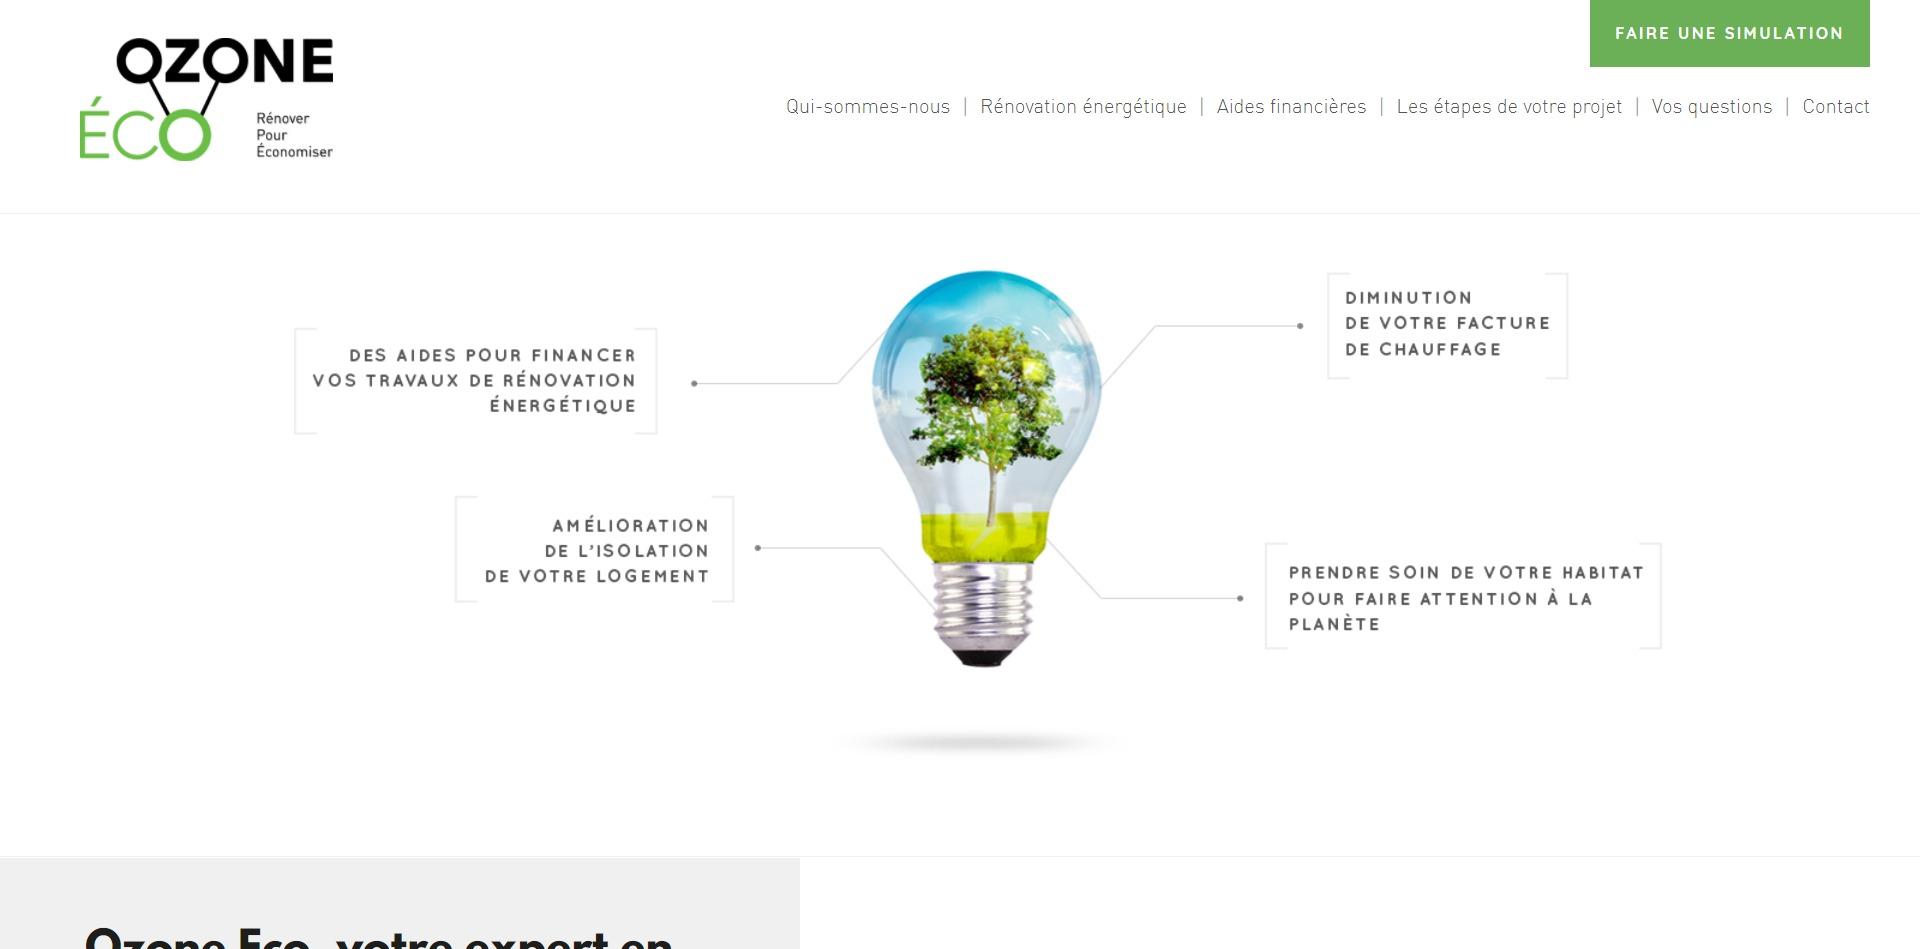 Capture d'écran du site ozone-eco.fr